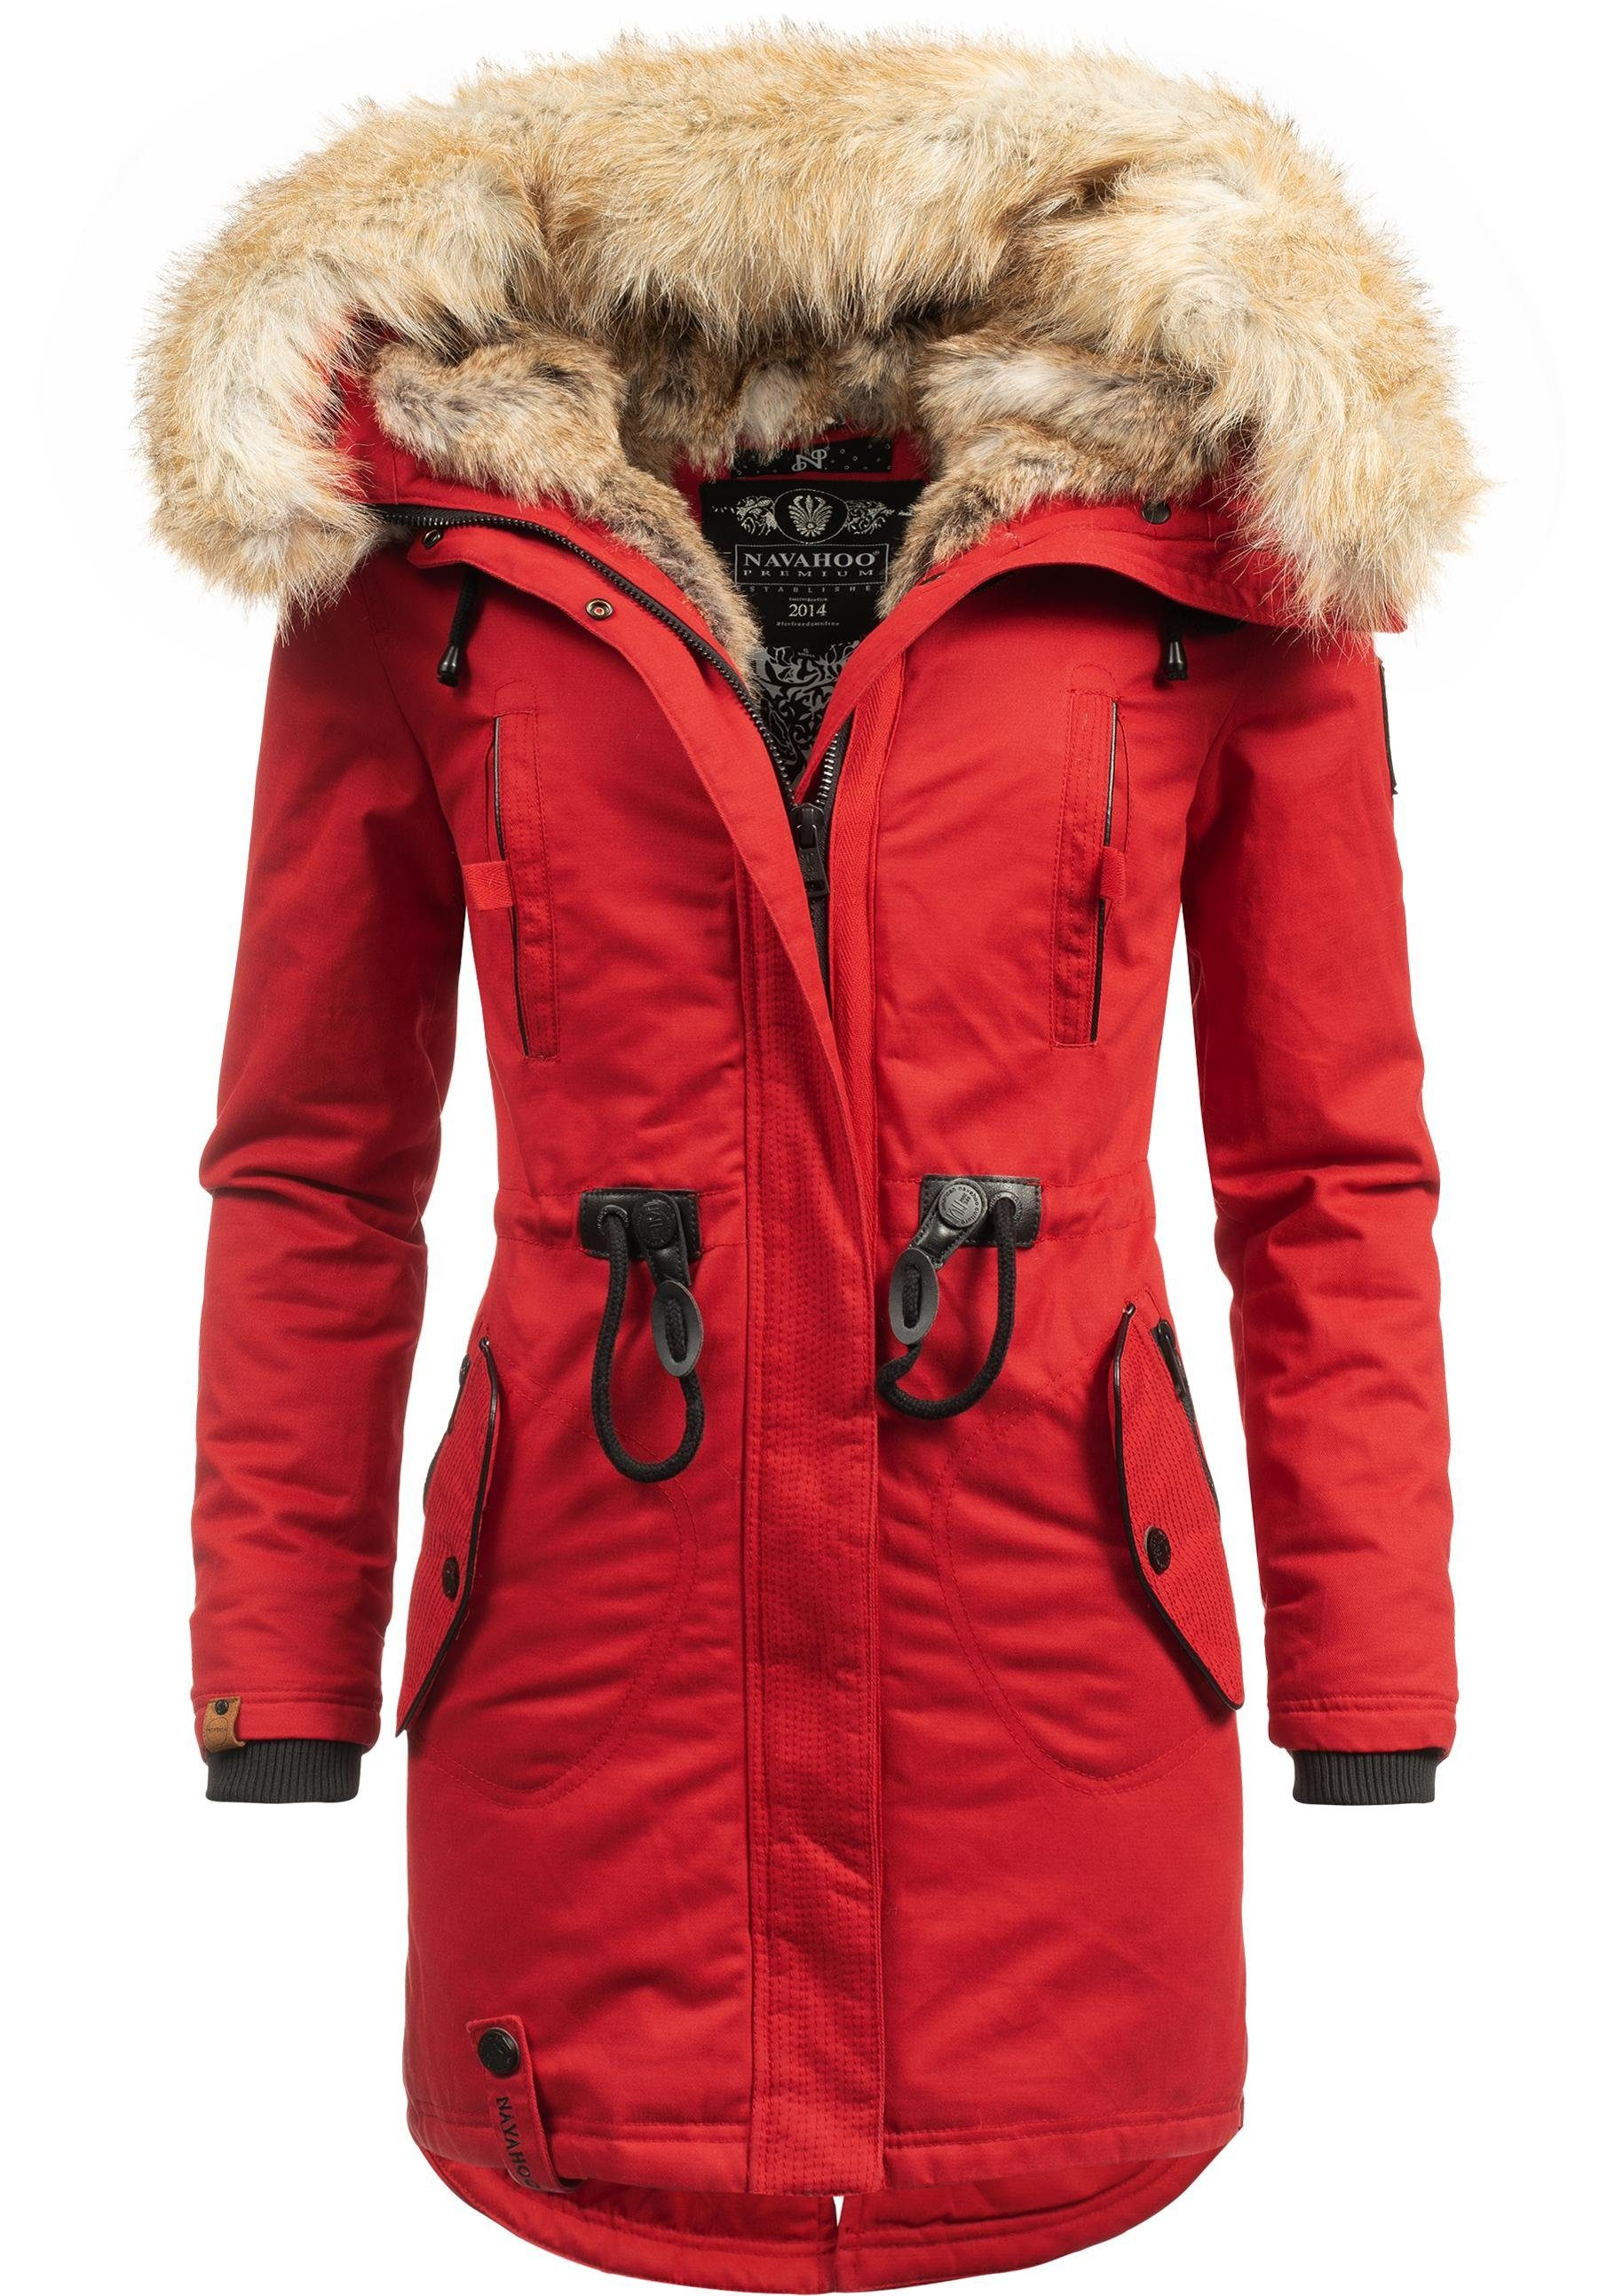 Garcia Damen Jacke Parka Mantel Winterjacke Gr. M sehr warm